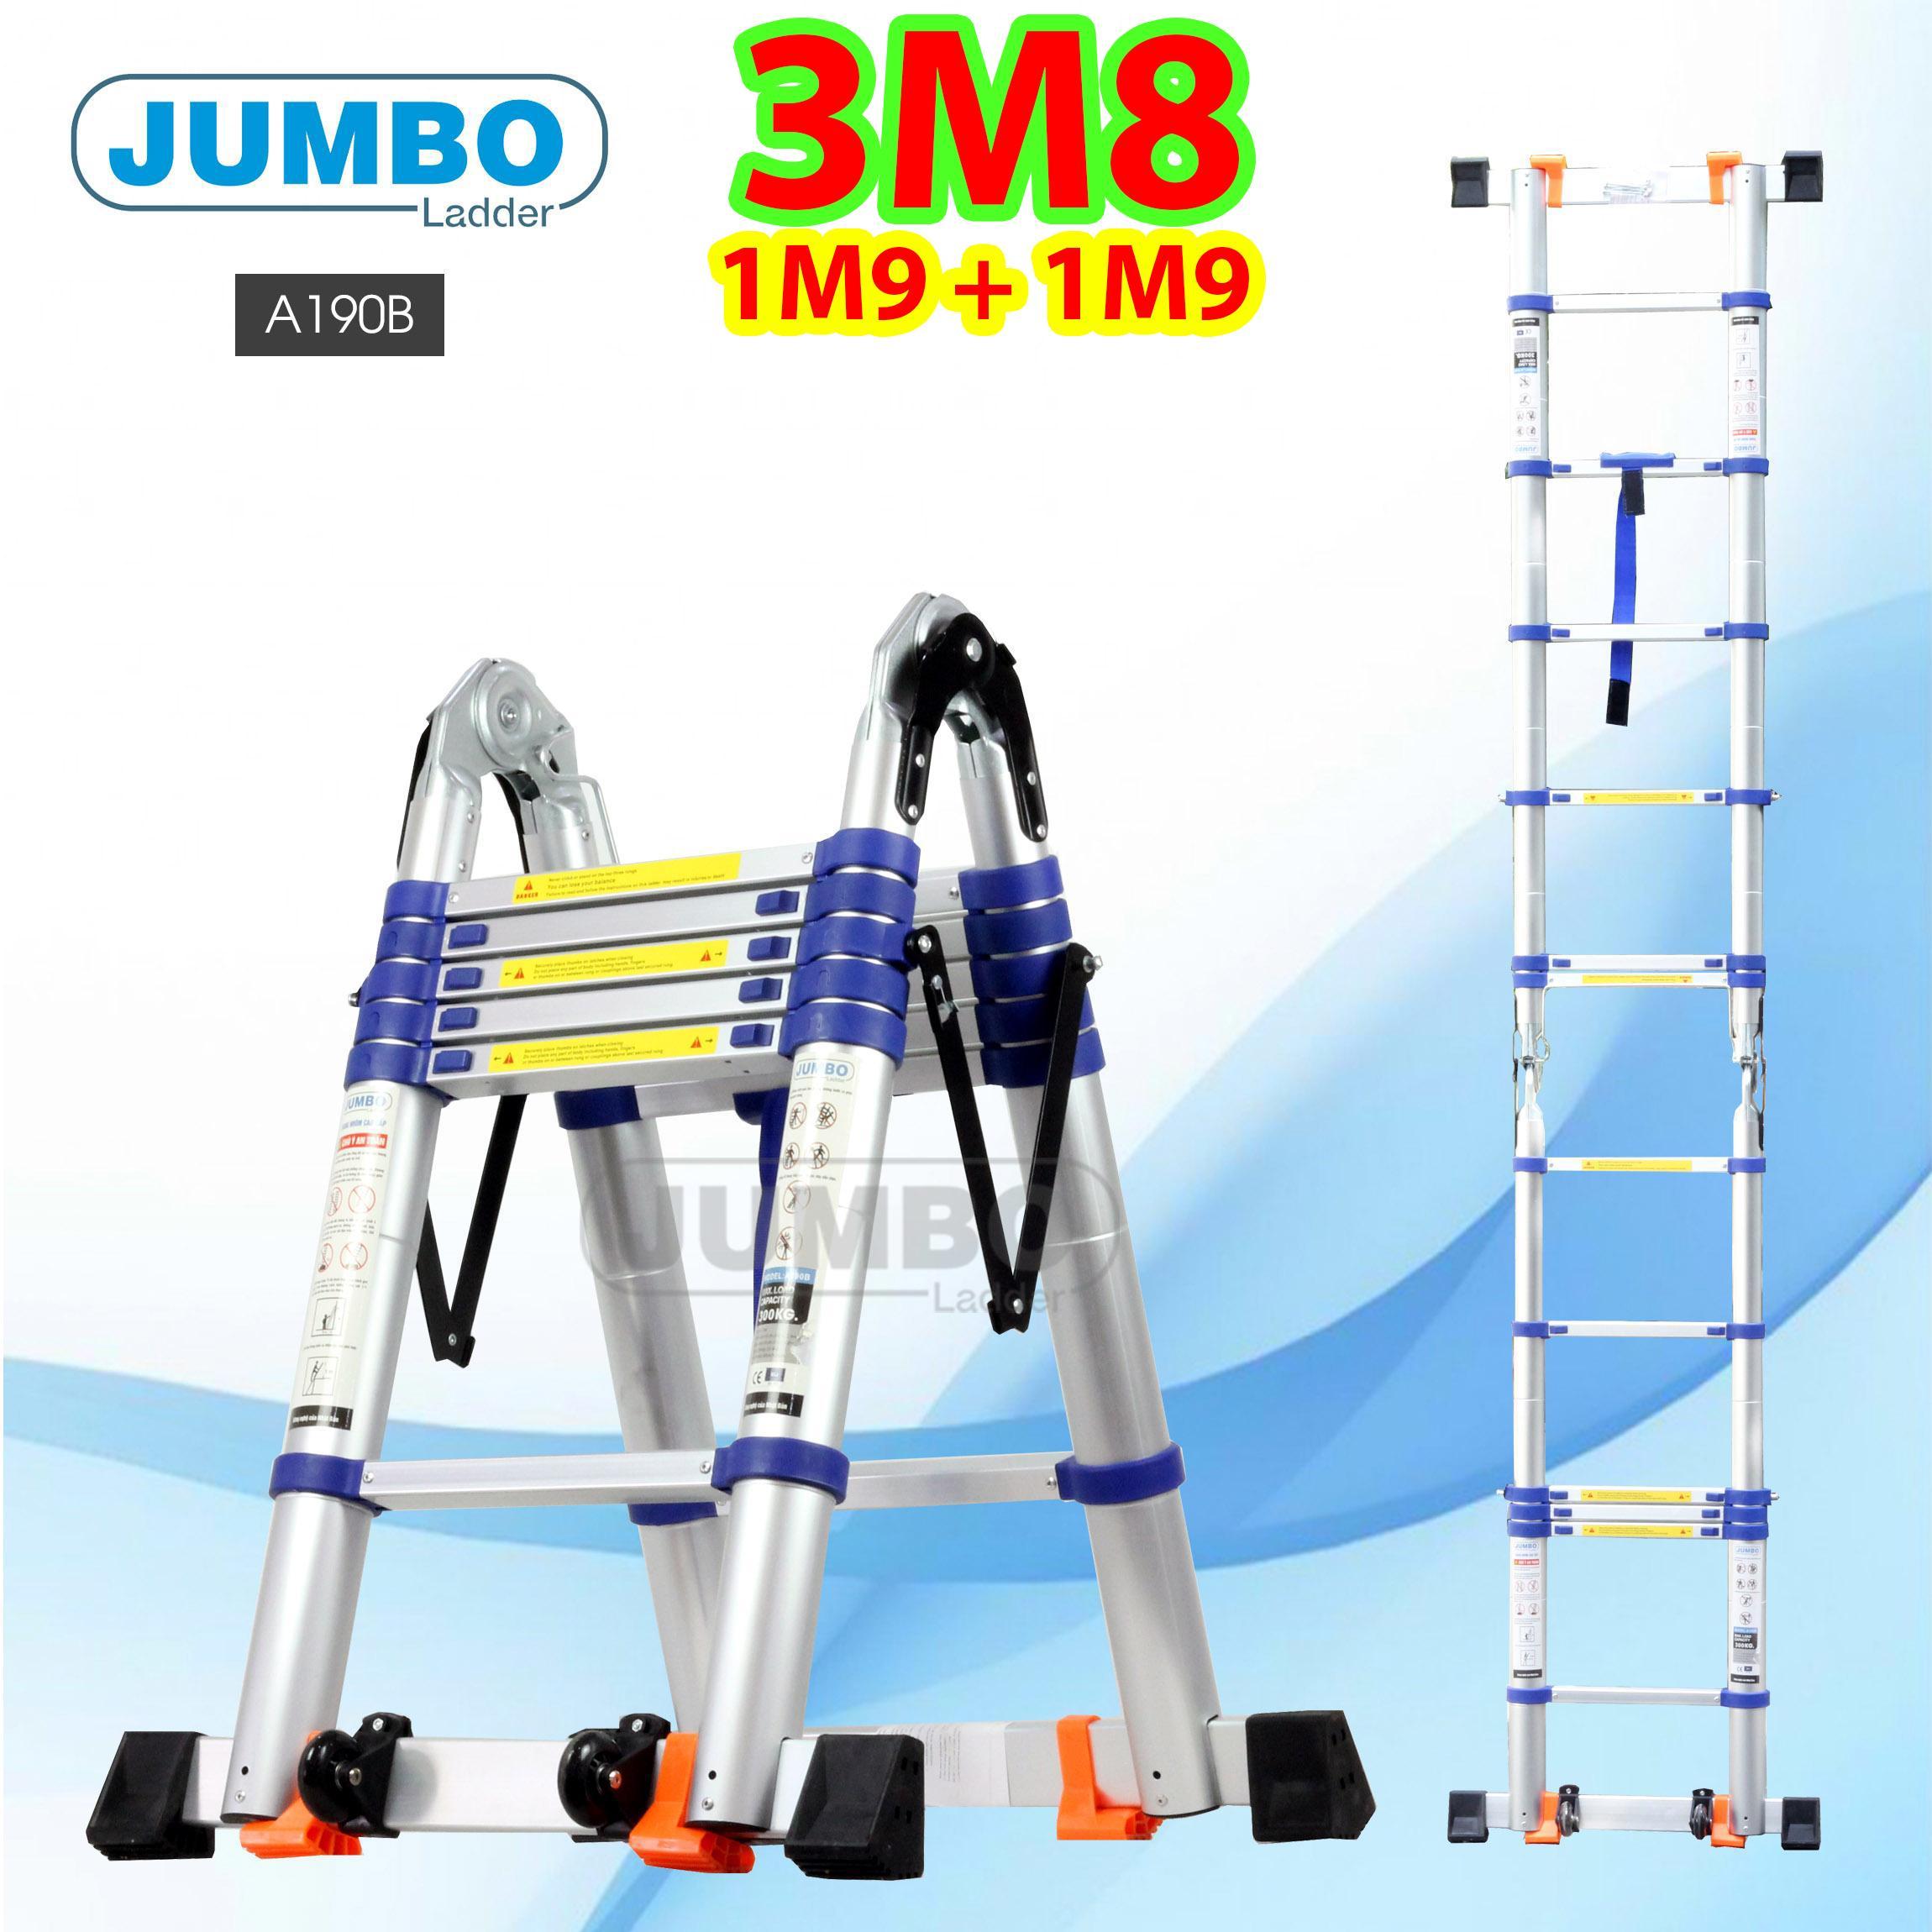 Thang nhôm rút chữ A 3m8 (1m9 + 1m9) Jumbo A190B